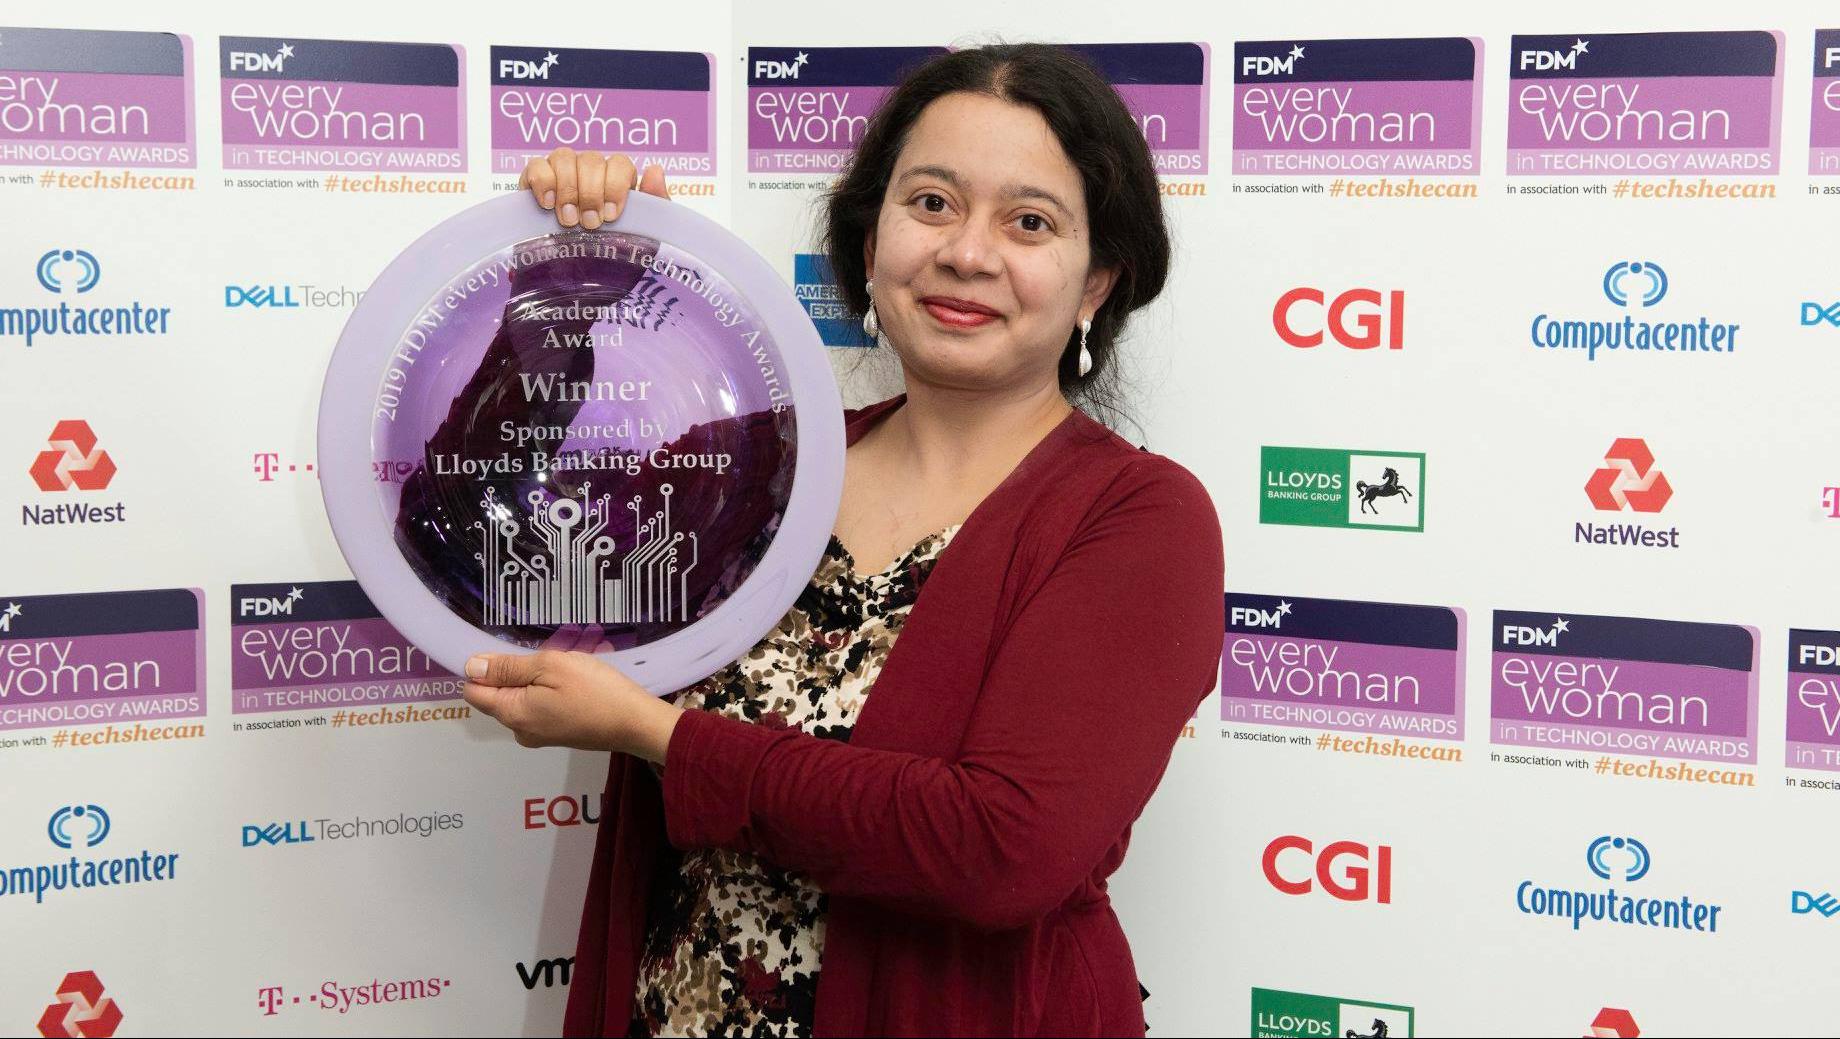 Dr Apala Majumdar with her award